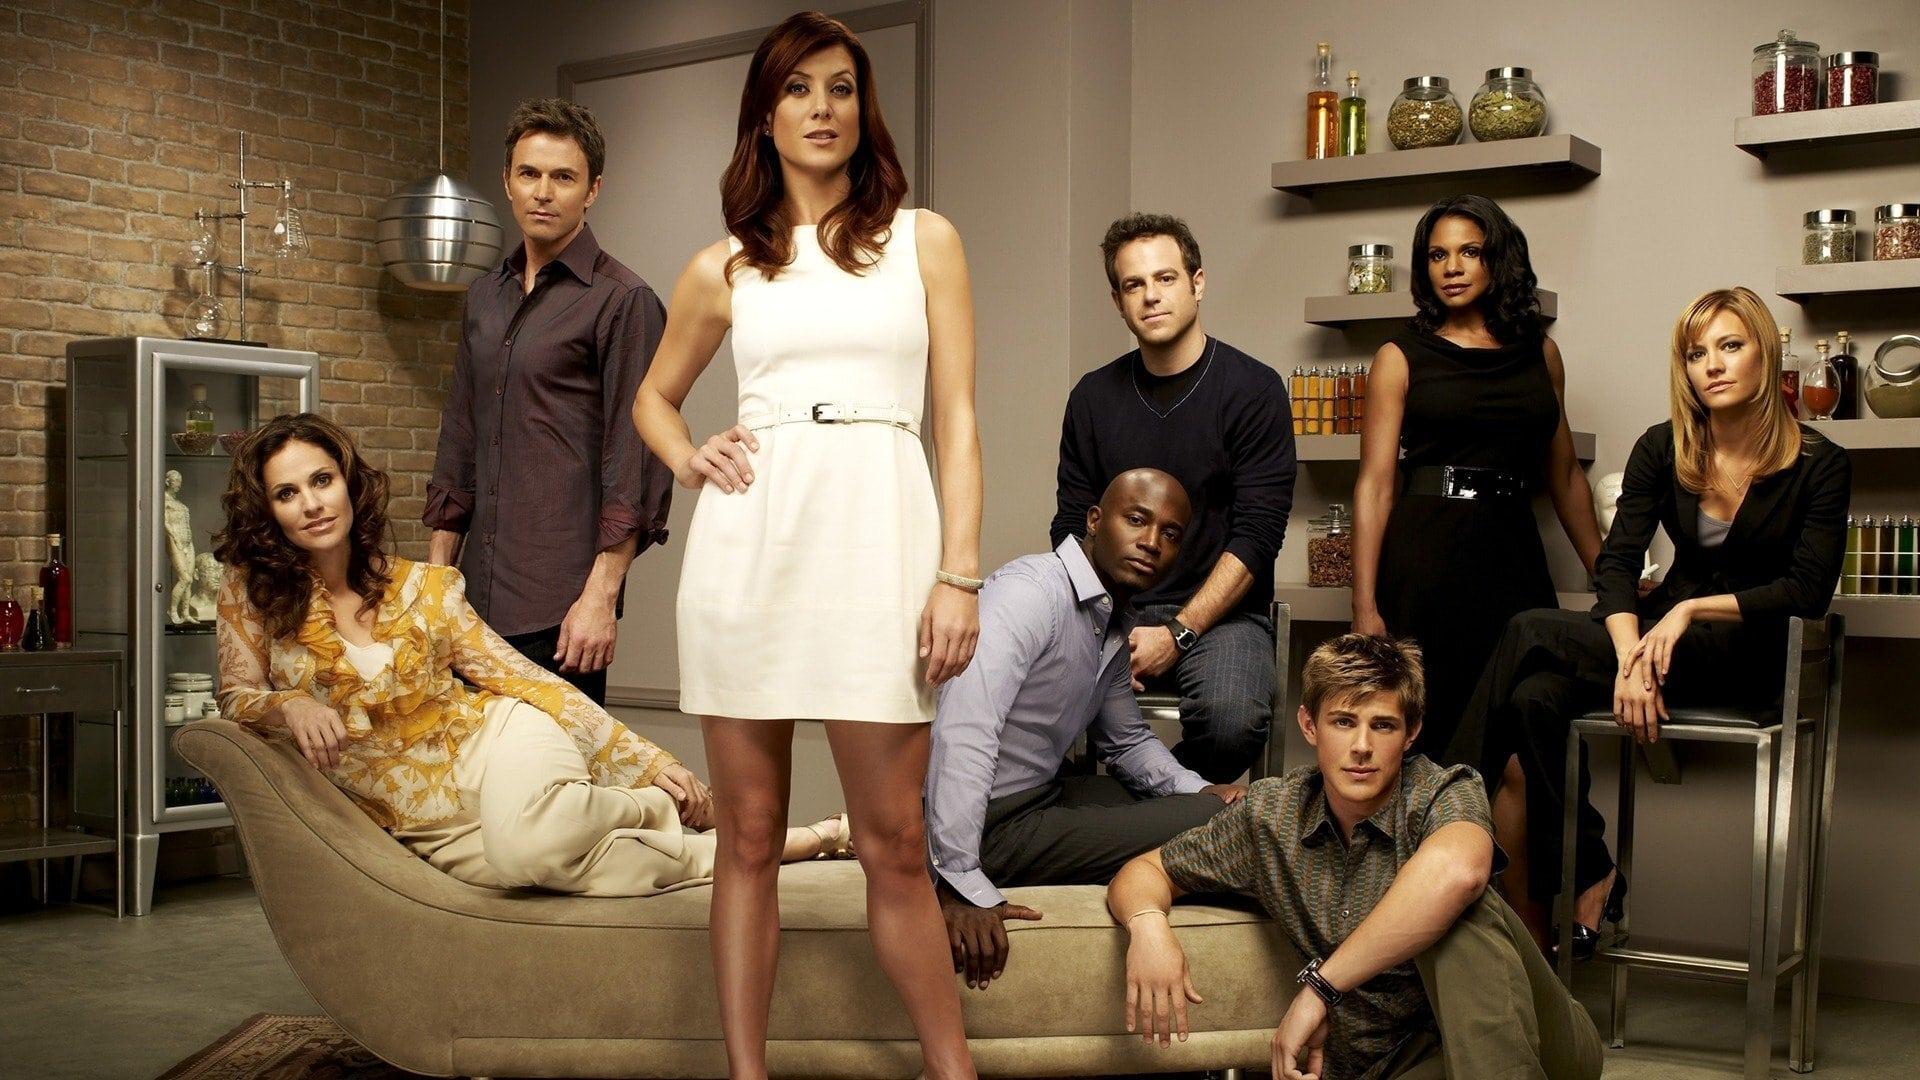 NET 5 series 3 maart uit op dvd: Ghost Whisperer S4 en Private Practice S2